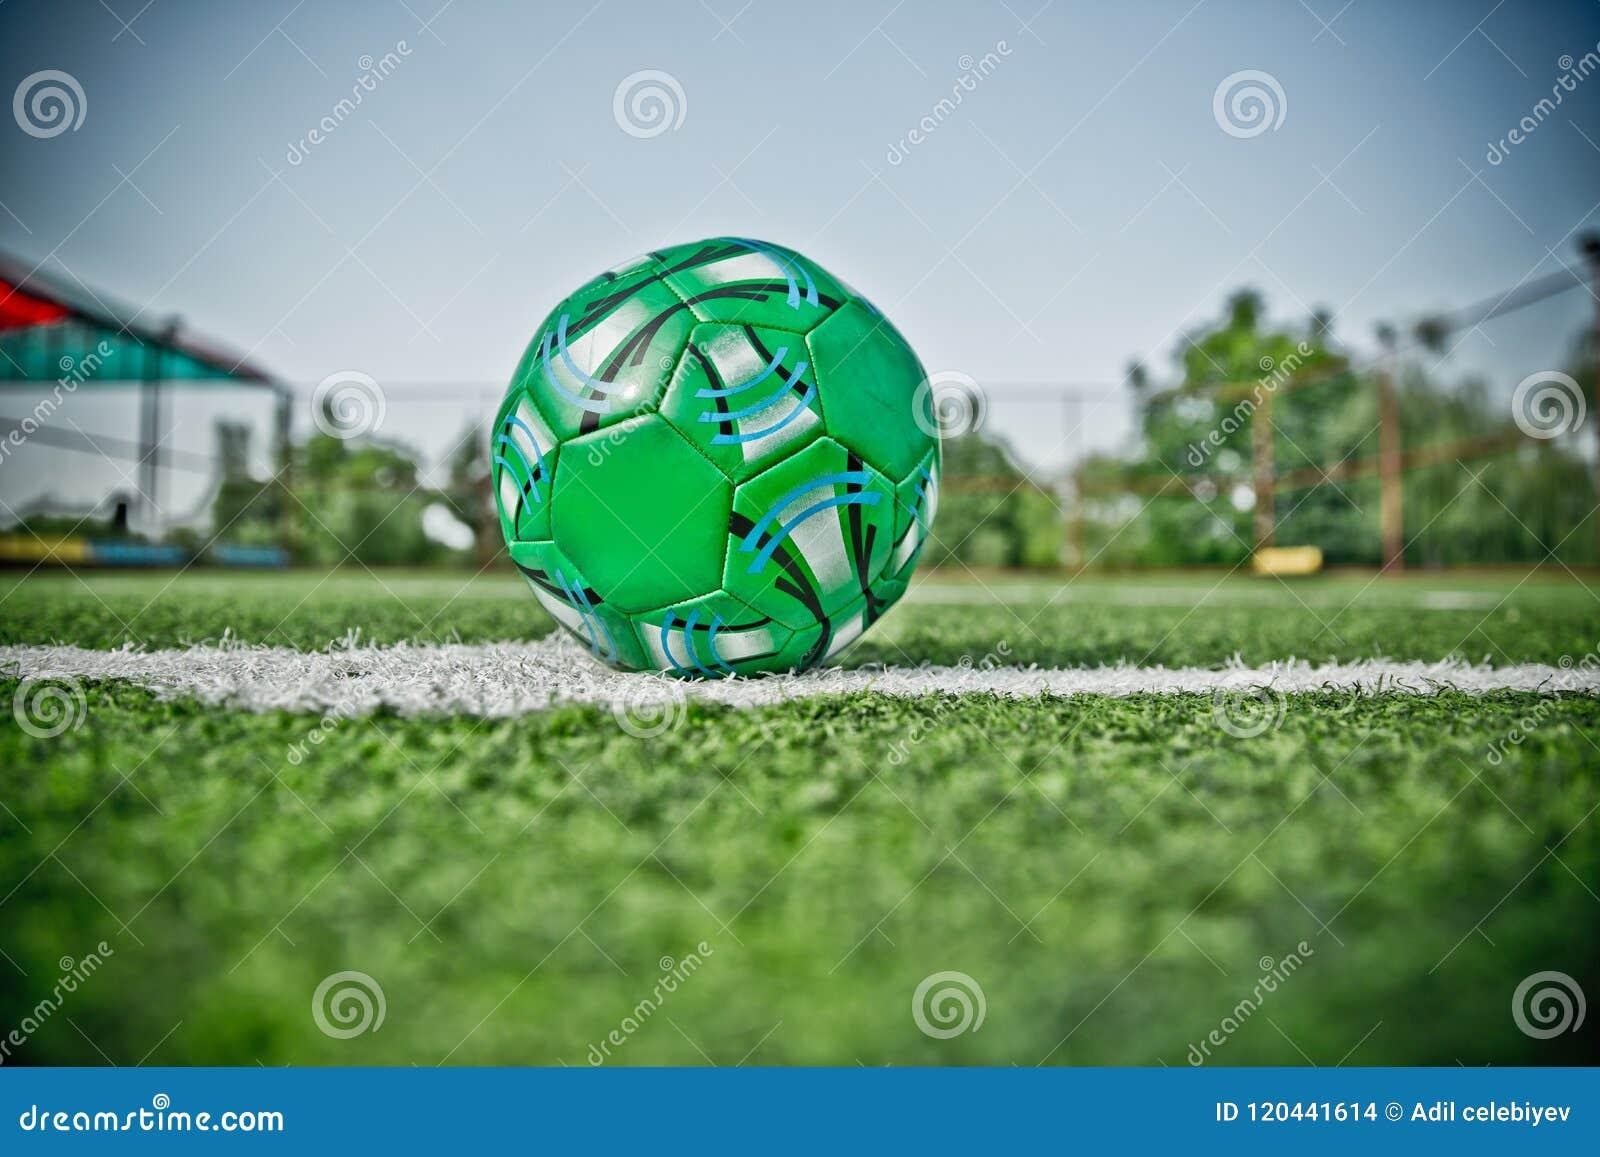 Hierba artificial de Mini Football Goal On An Dentro de campo de fútbol interior Mini balón de fútbol foto del hdr